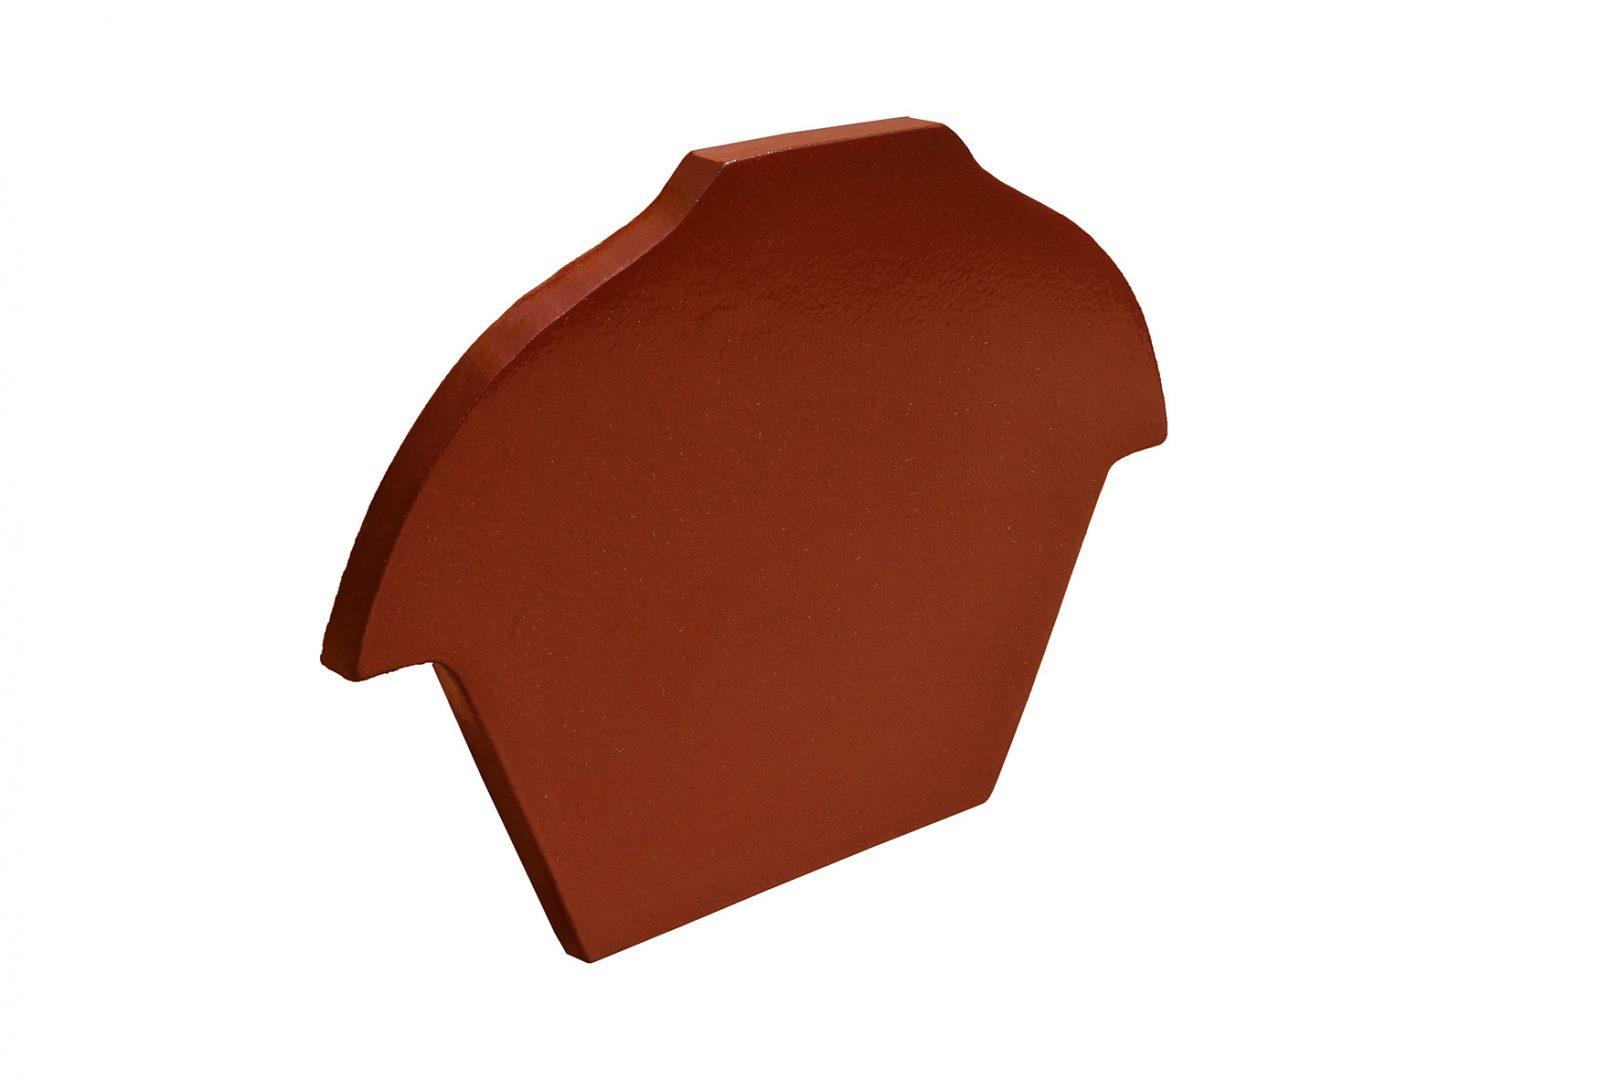 Početna pločica žlebnjaka bordo